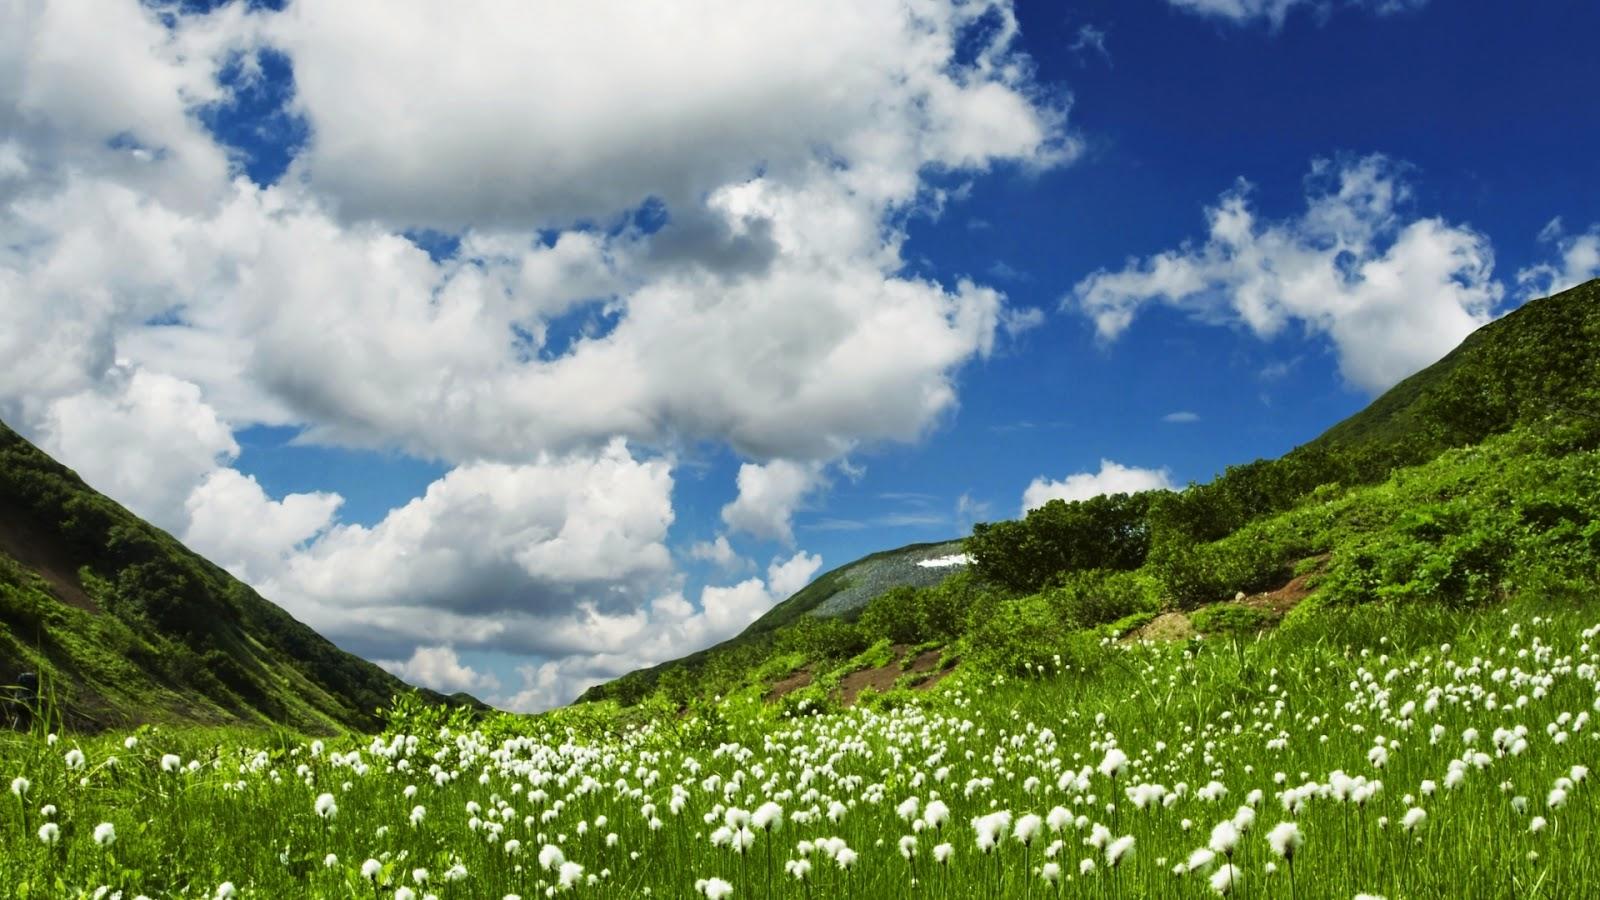 Groene heuvels met witte bloemen in de lente